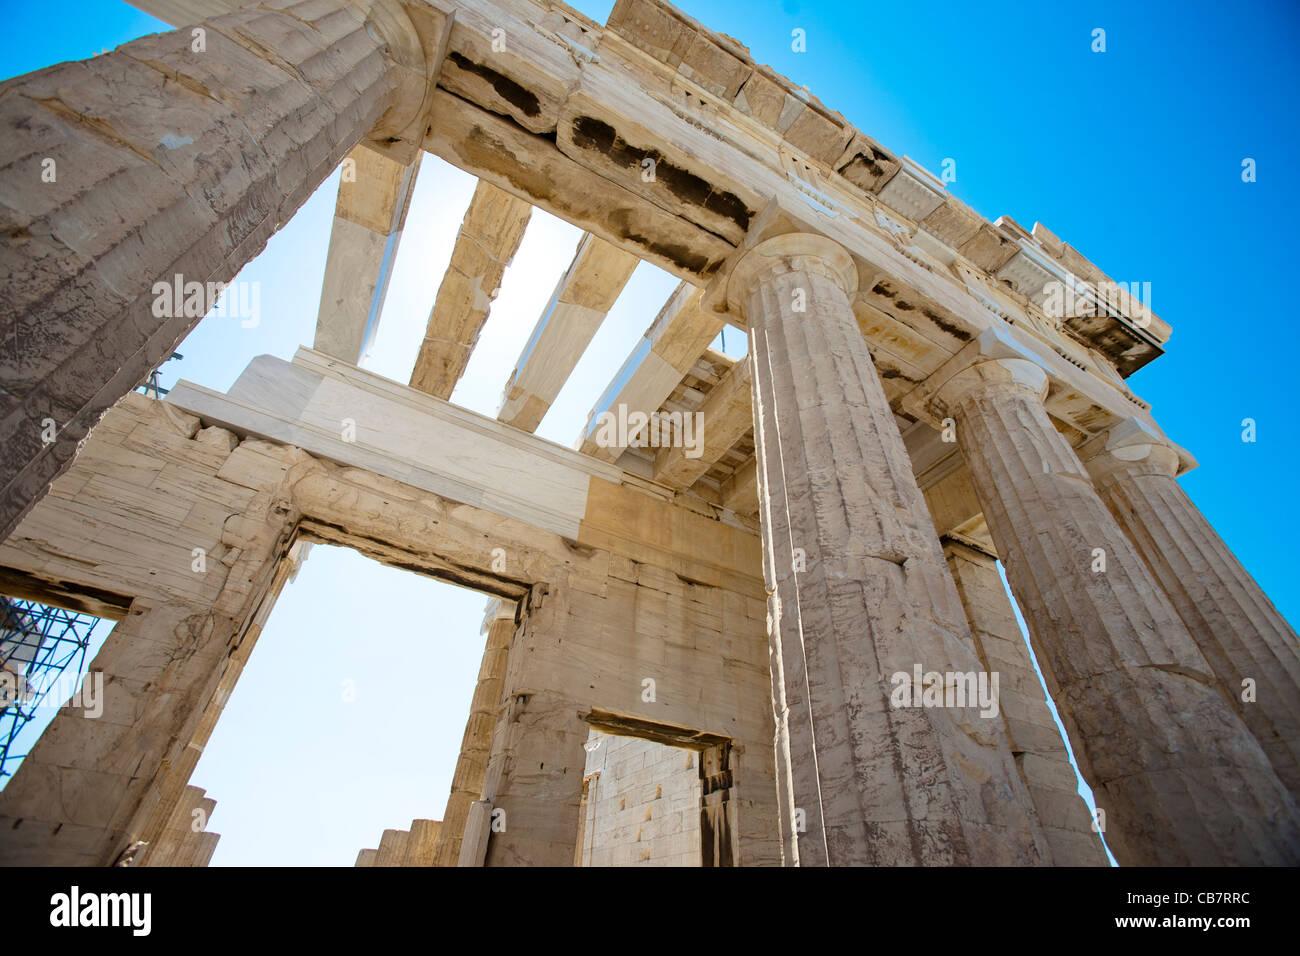 Images de voyage sur la Grèce - la Grèce antique architecture classique Photo Stock